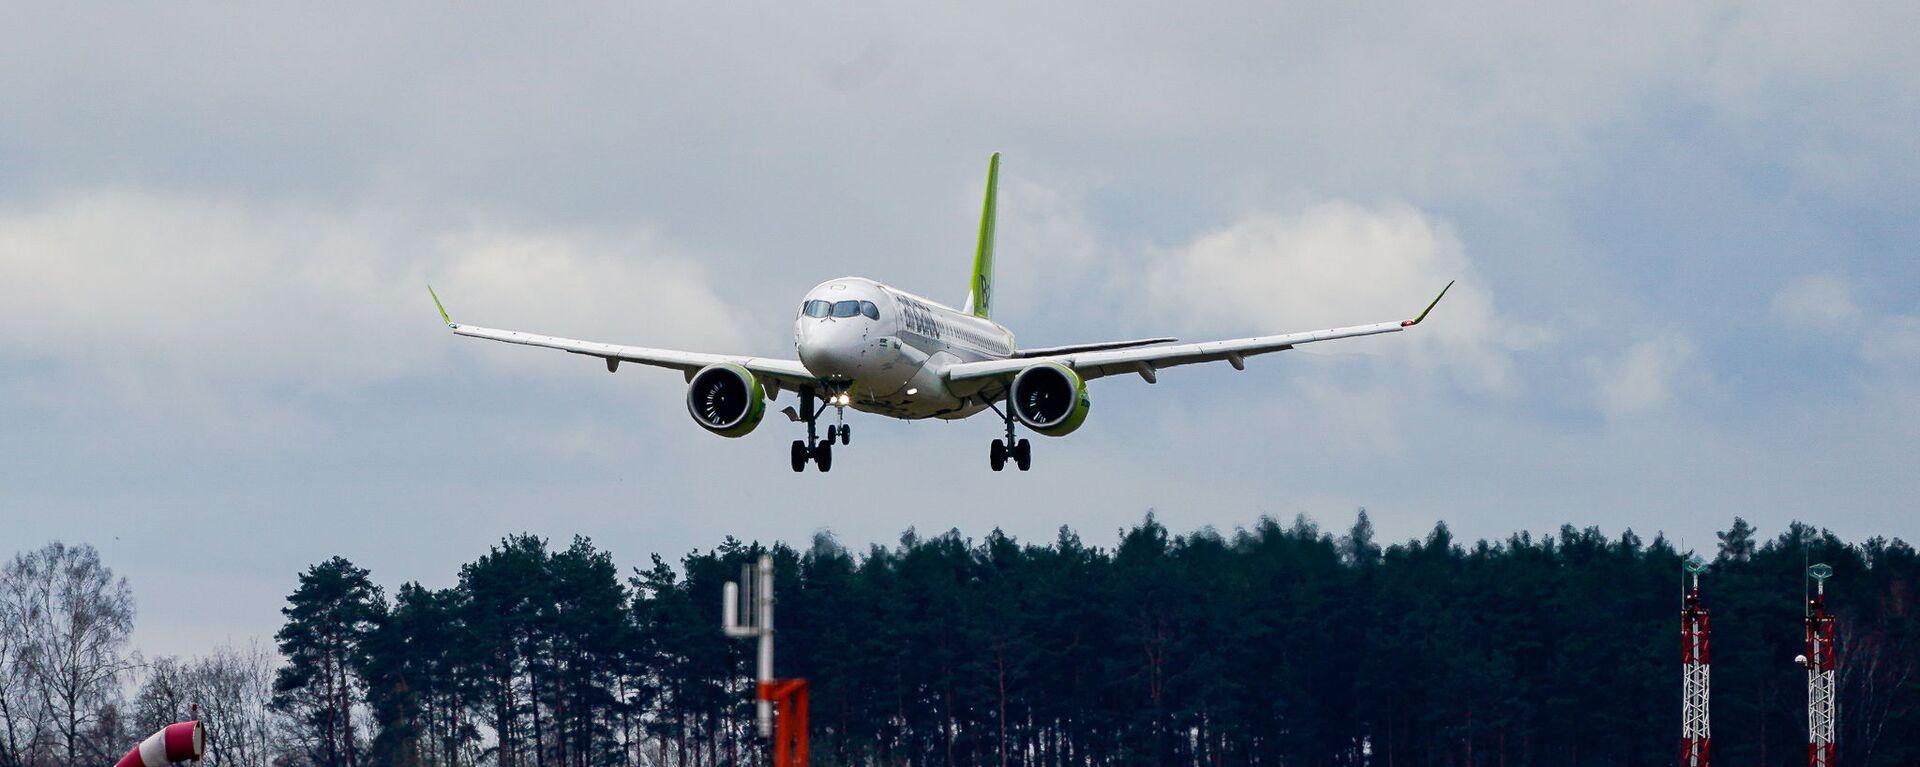 Самолет латвийской авиакомпании airBaltic заходит на посадку в аэропорт Рига - Sputnik Латвия, 1920, 27.05.2021